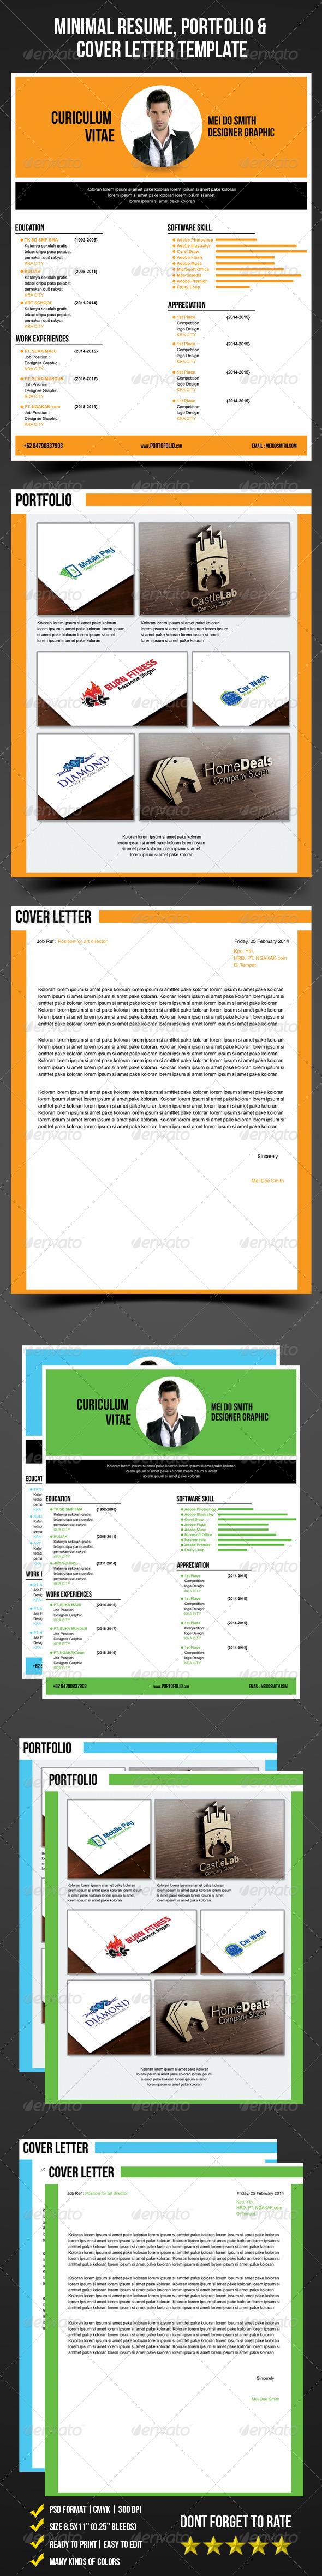 GraphicRiver Minimal Resume Portfolio & Cover Letter Template 6773080